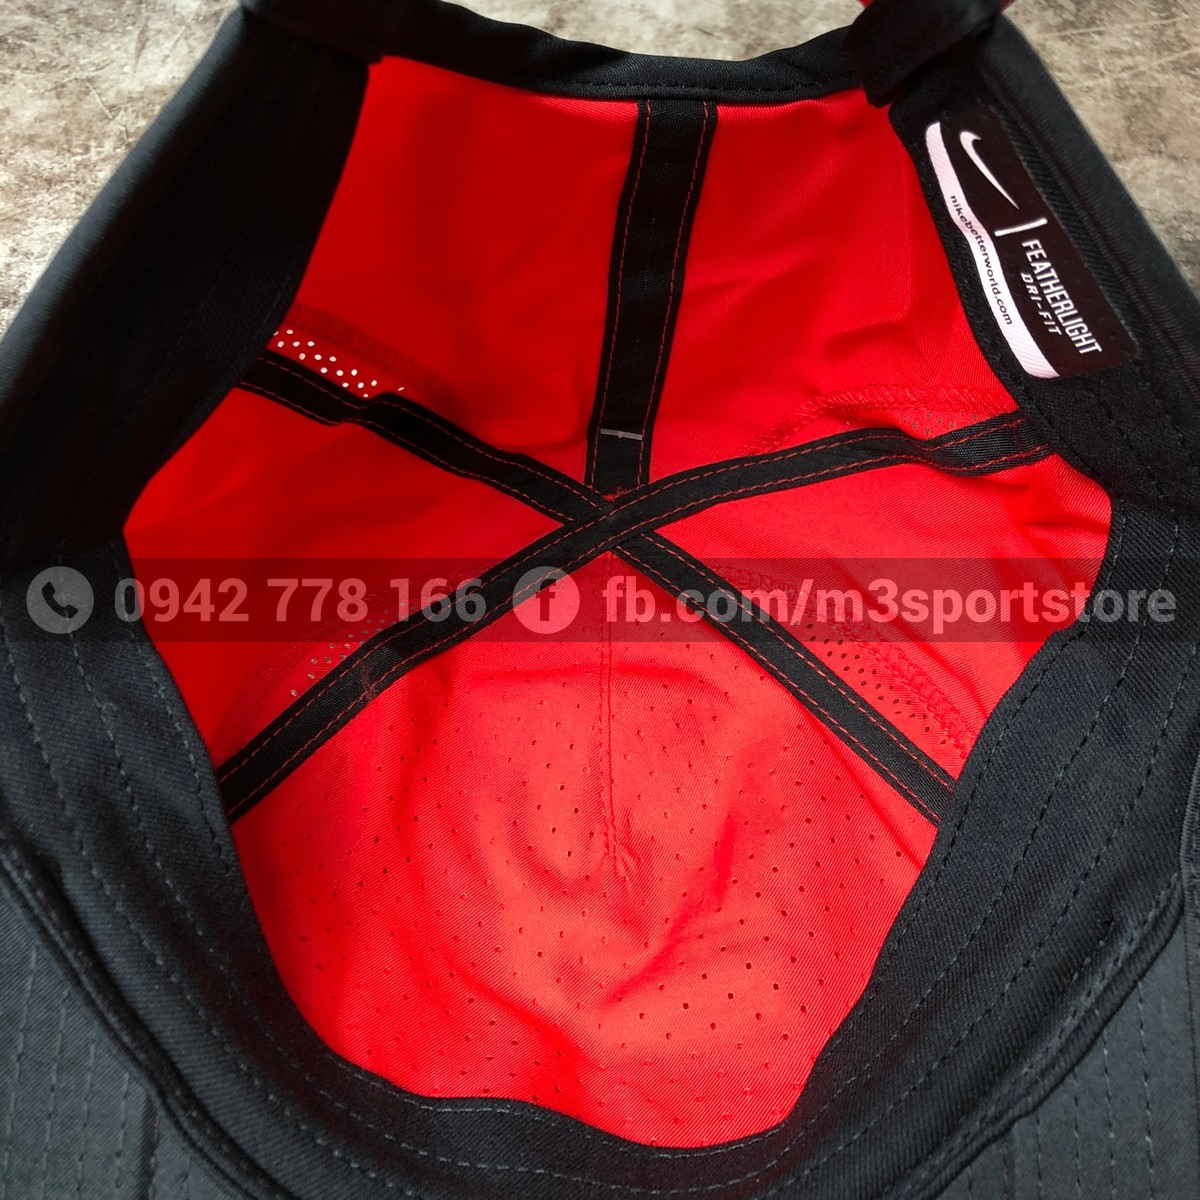 Mũ thể thao Nike Rafael Nadal Rafa Bull Cap Hat Dri-fit 835535